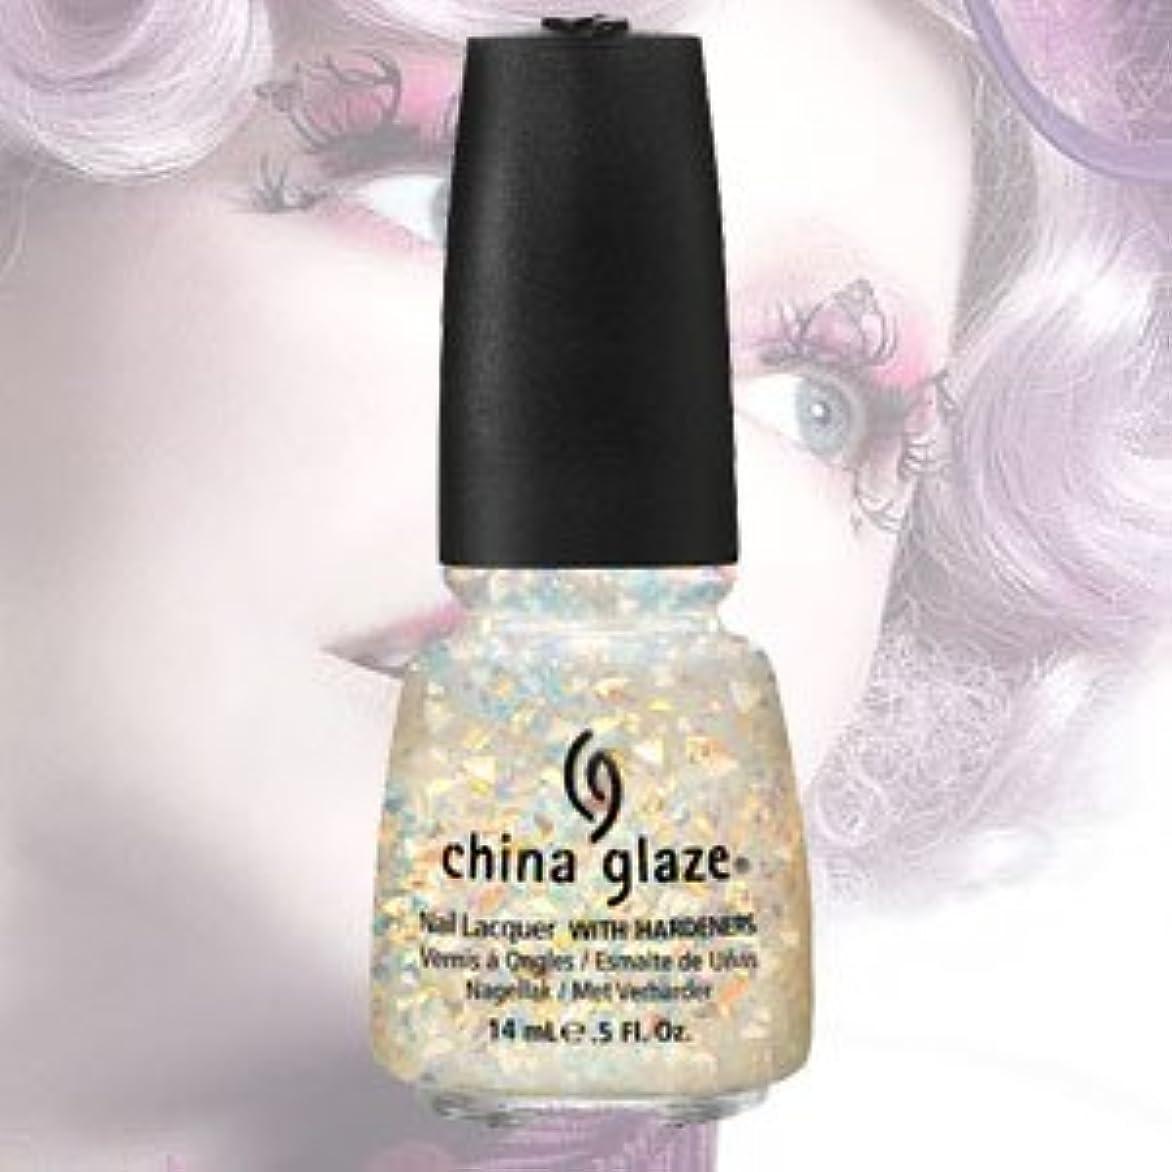 グラム素晴らしき行き当たりばったり(チャイナグレイズ)China Glaze Luxe and LushーCAPITOL COLOURS コレクション [海外直送品][並行輸入品]